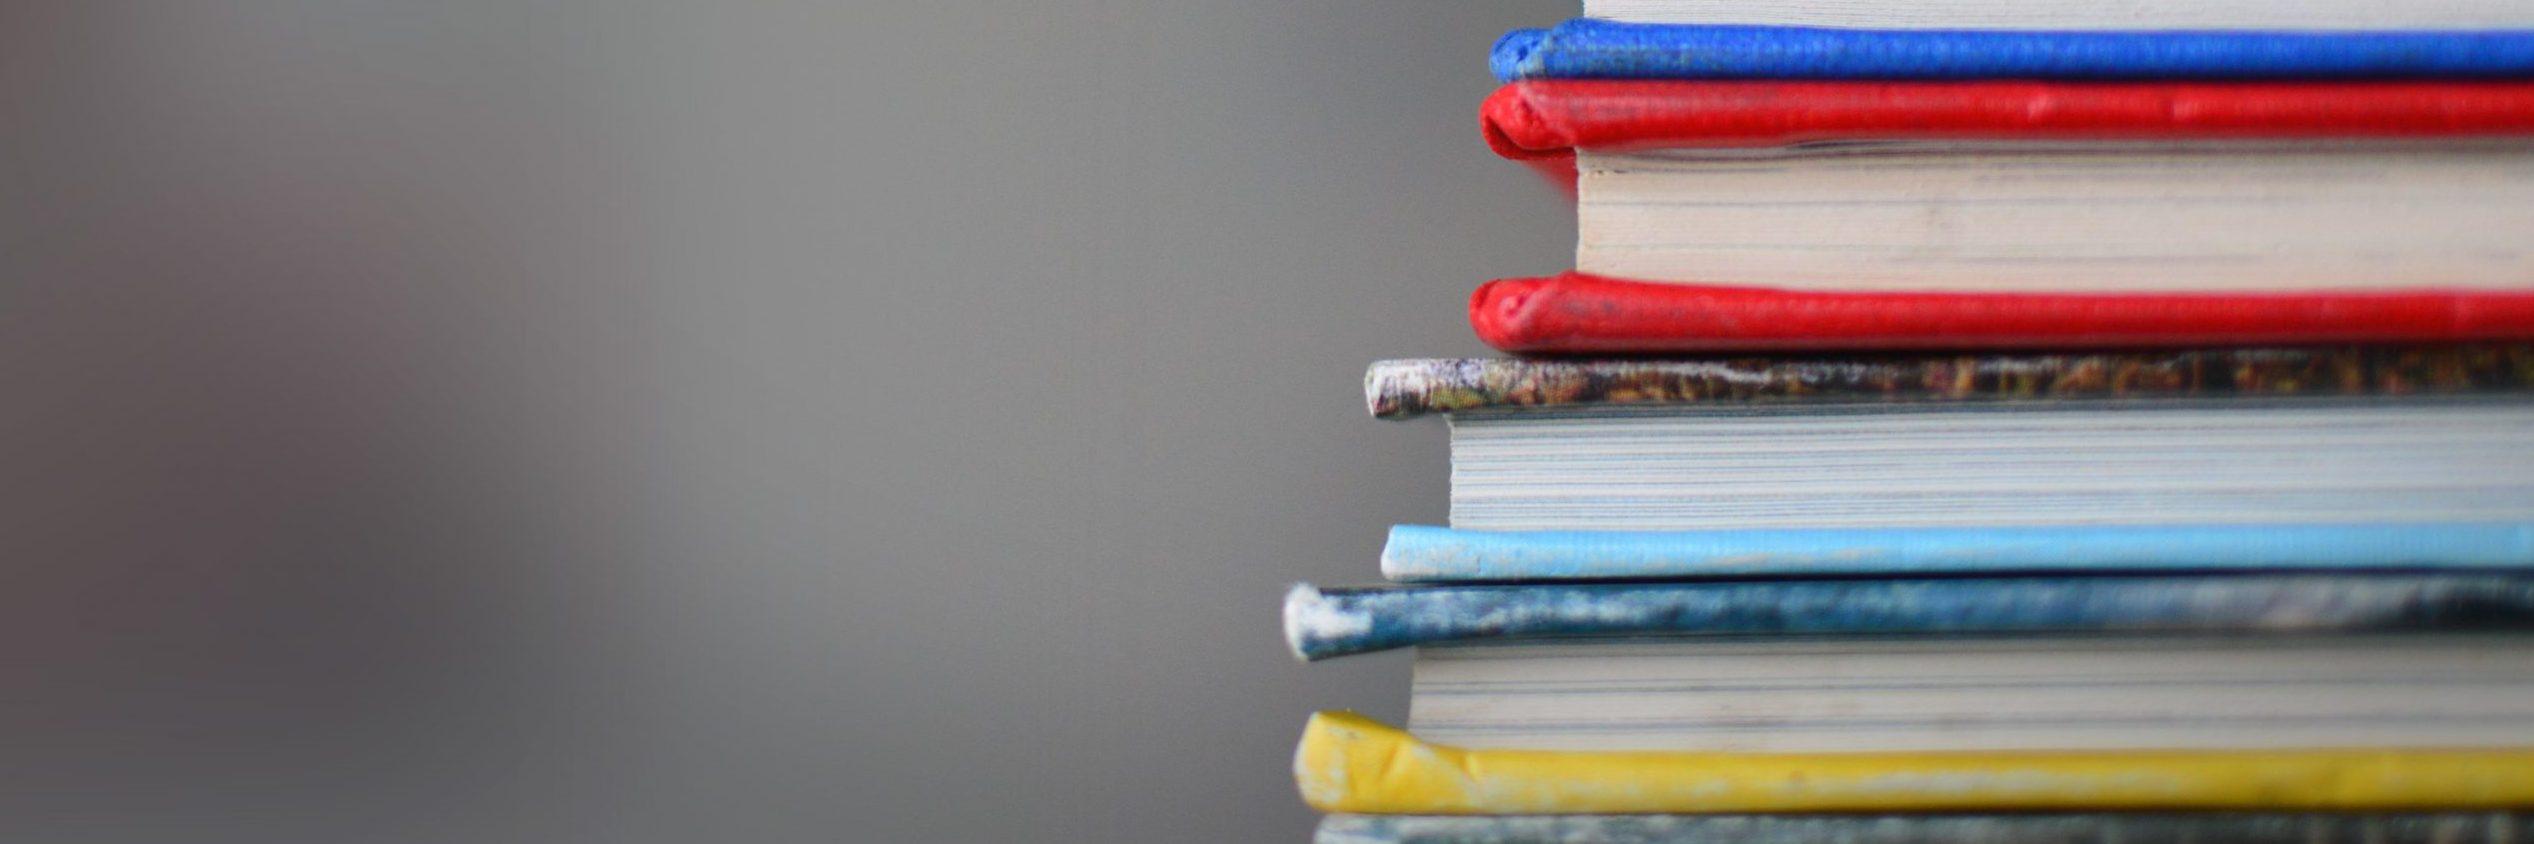 Kom 'Ont-Moeten'! Terugkomdag Pedagogisch evalueren en verantwoorden (Triband)